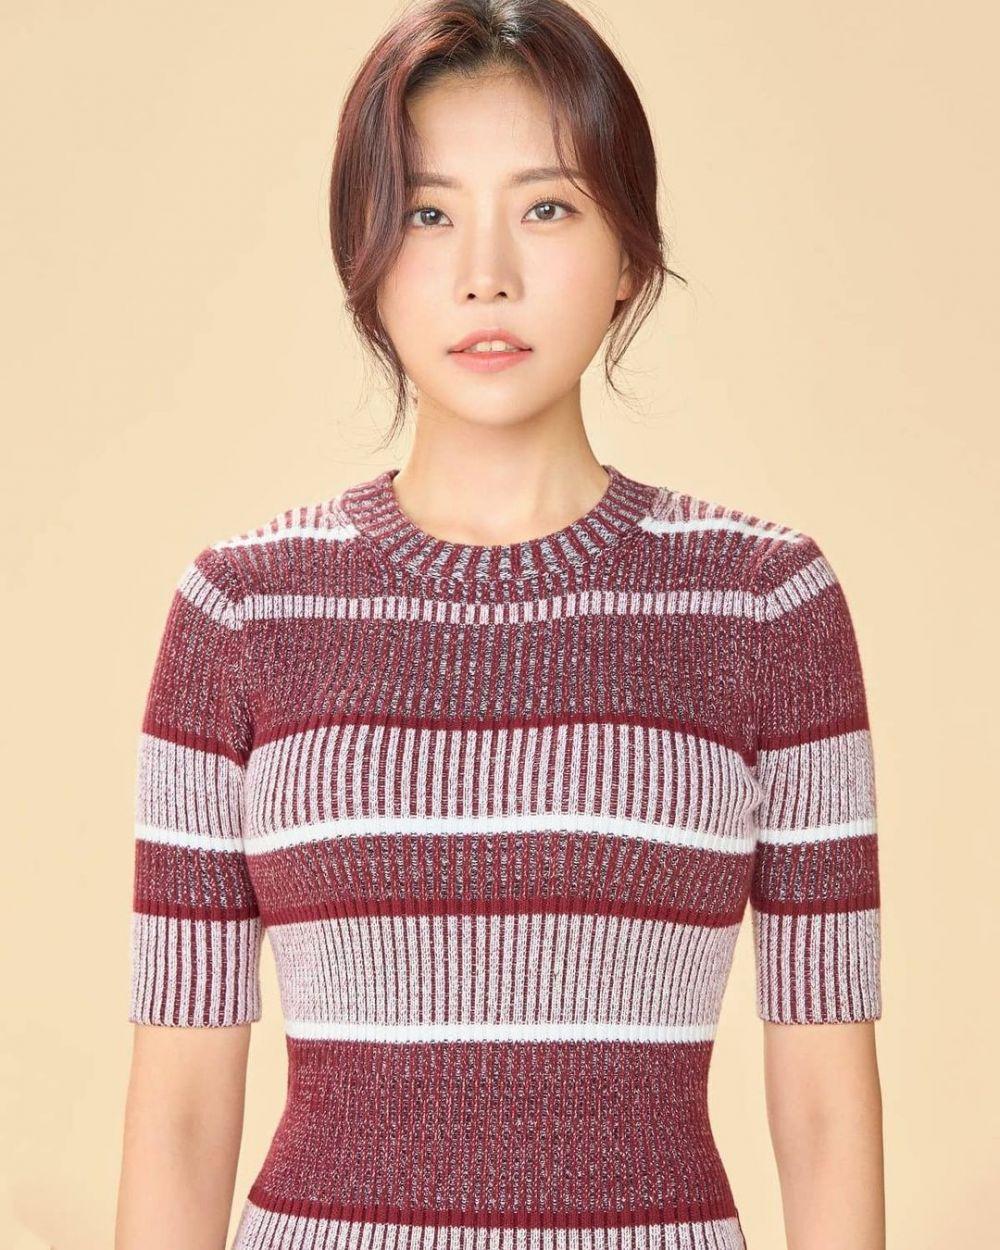 10 Potret Seo Ye Hwa, Pemeran Jang Yeon Jin di KDrama 'Vincenzo'